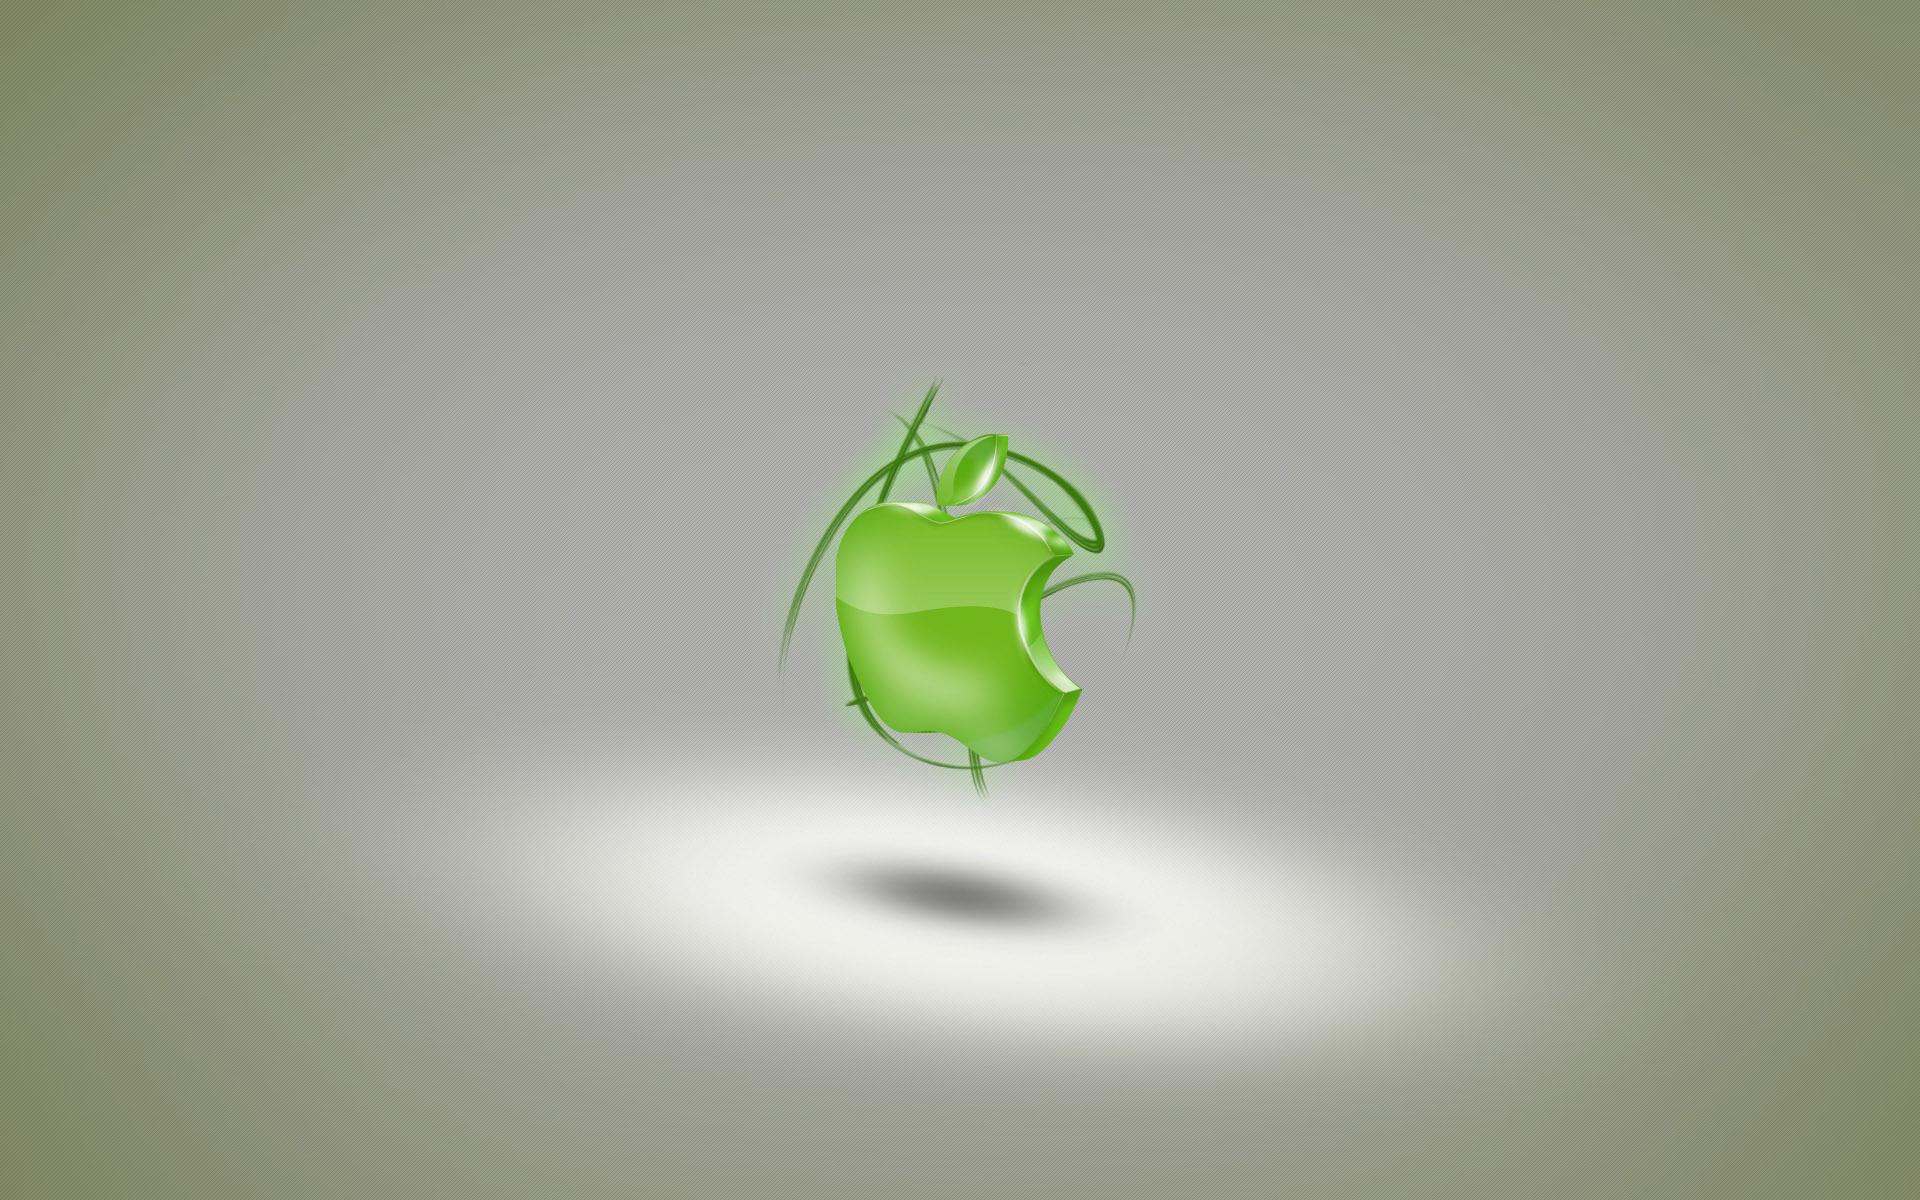 free mac desktop wallpaper - wallpapersafari